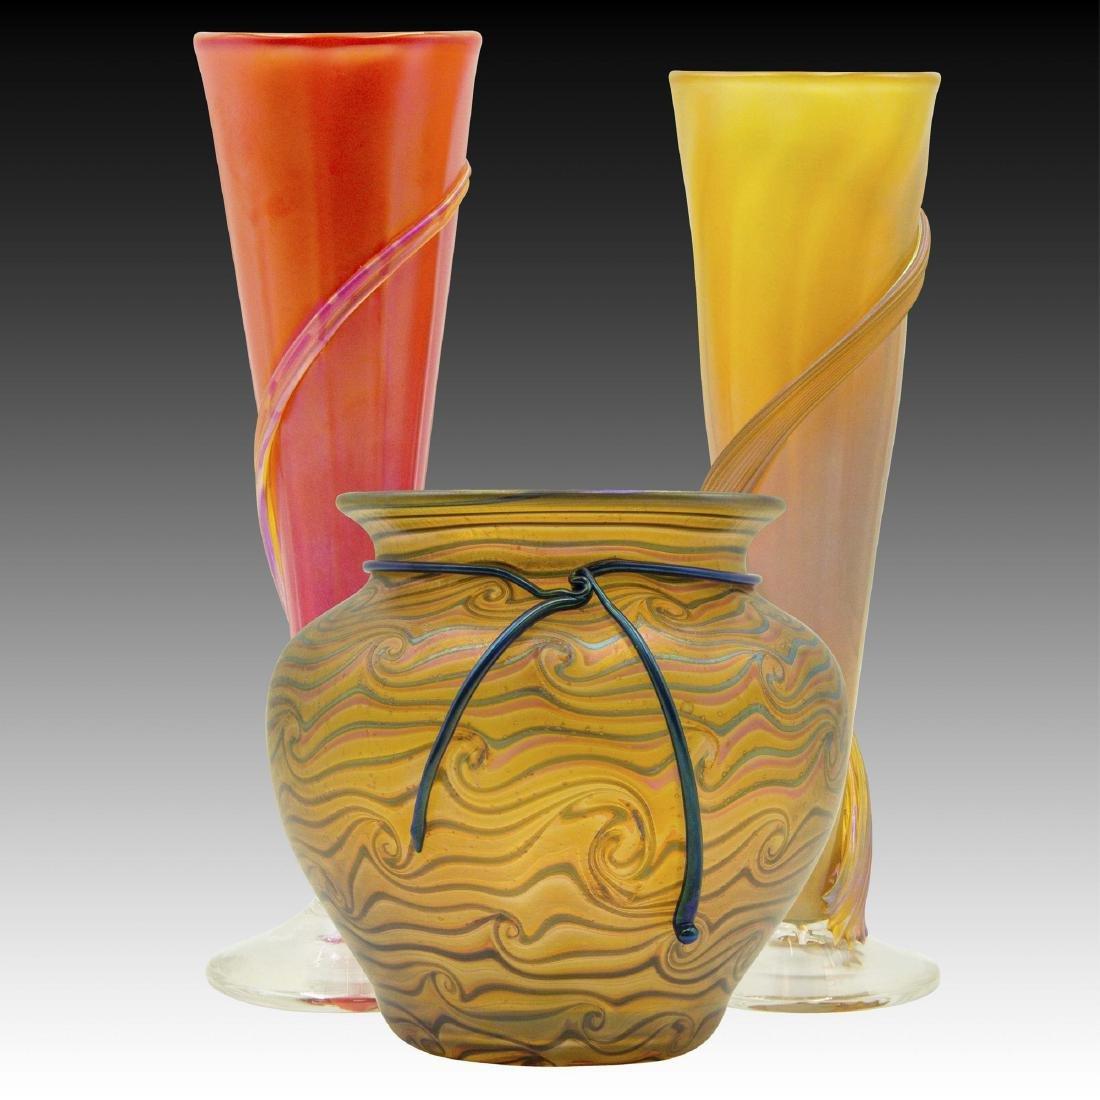 Set of 3 Zellique Modern Art Glass Vases, Bowl